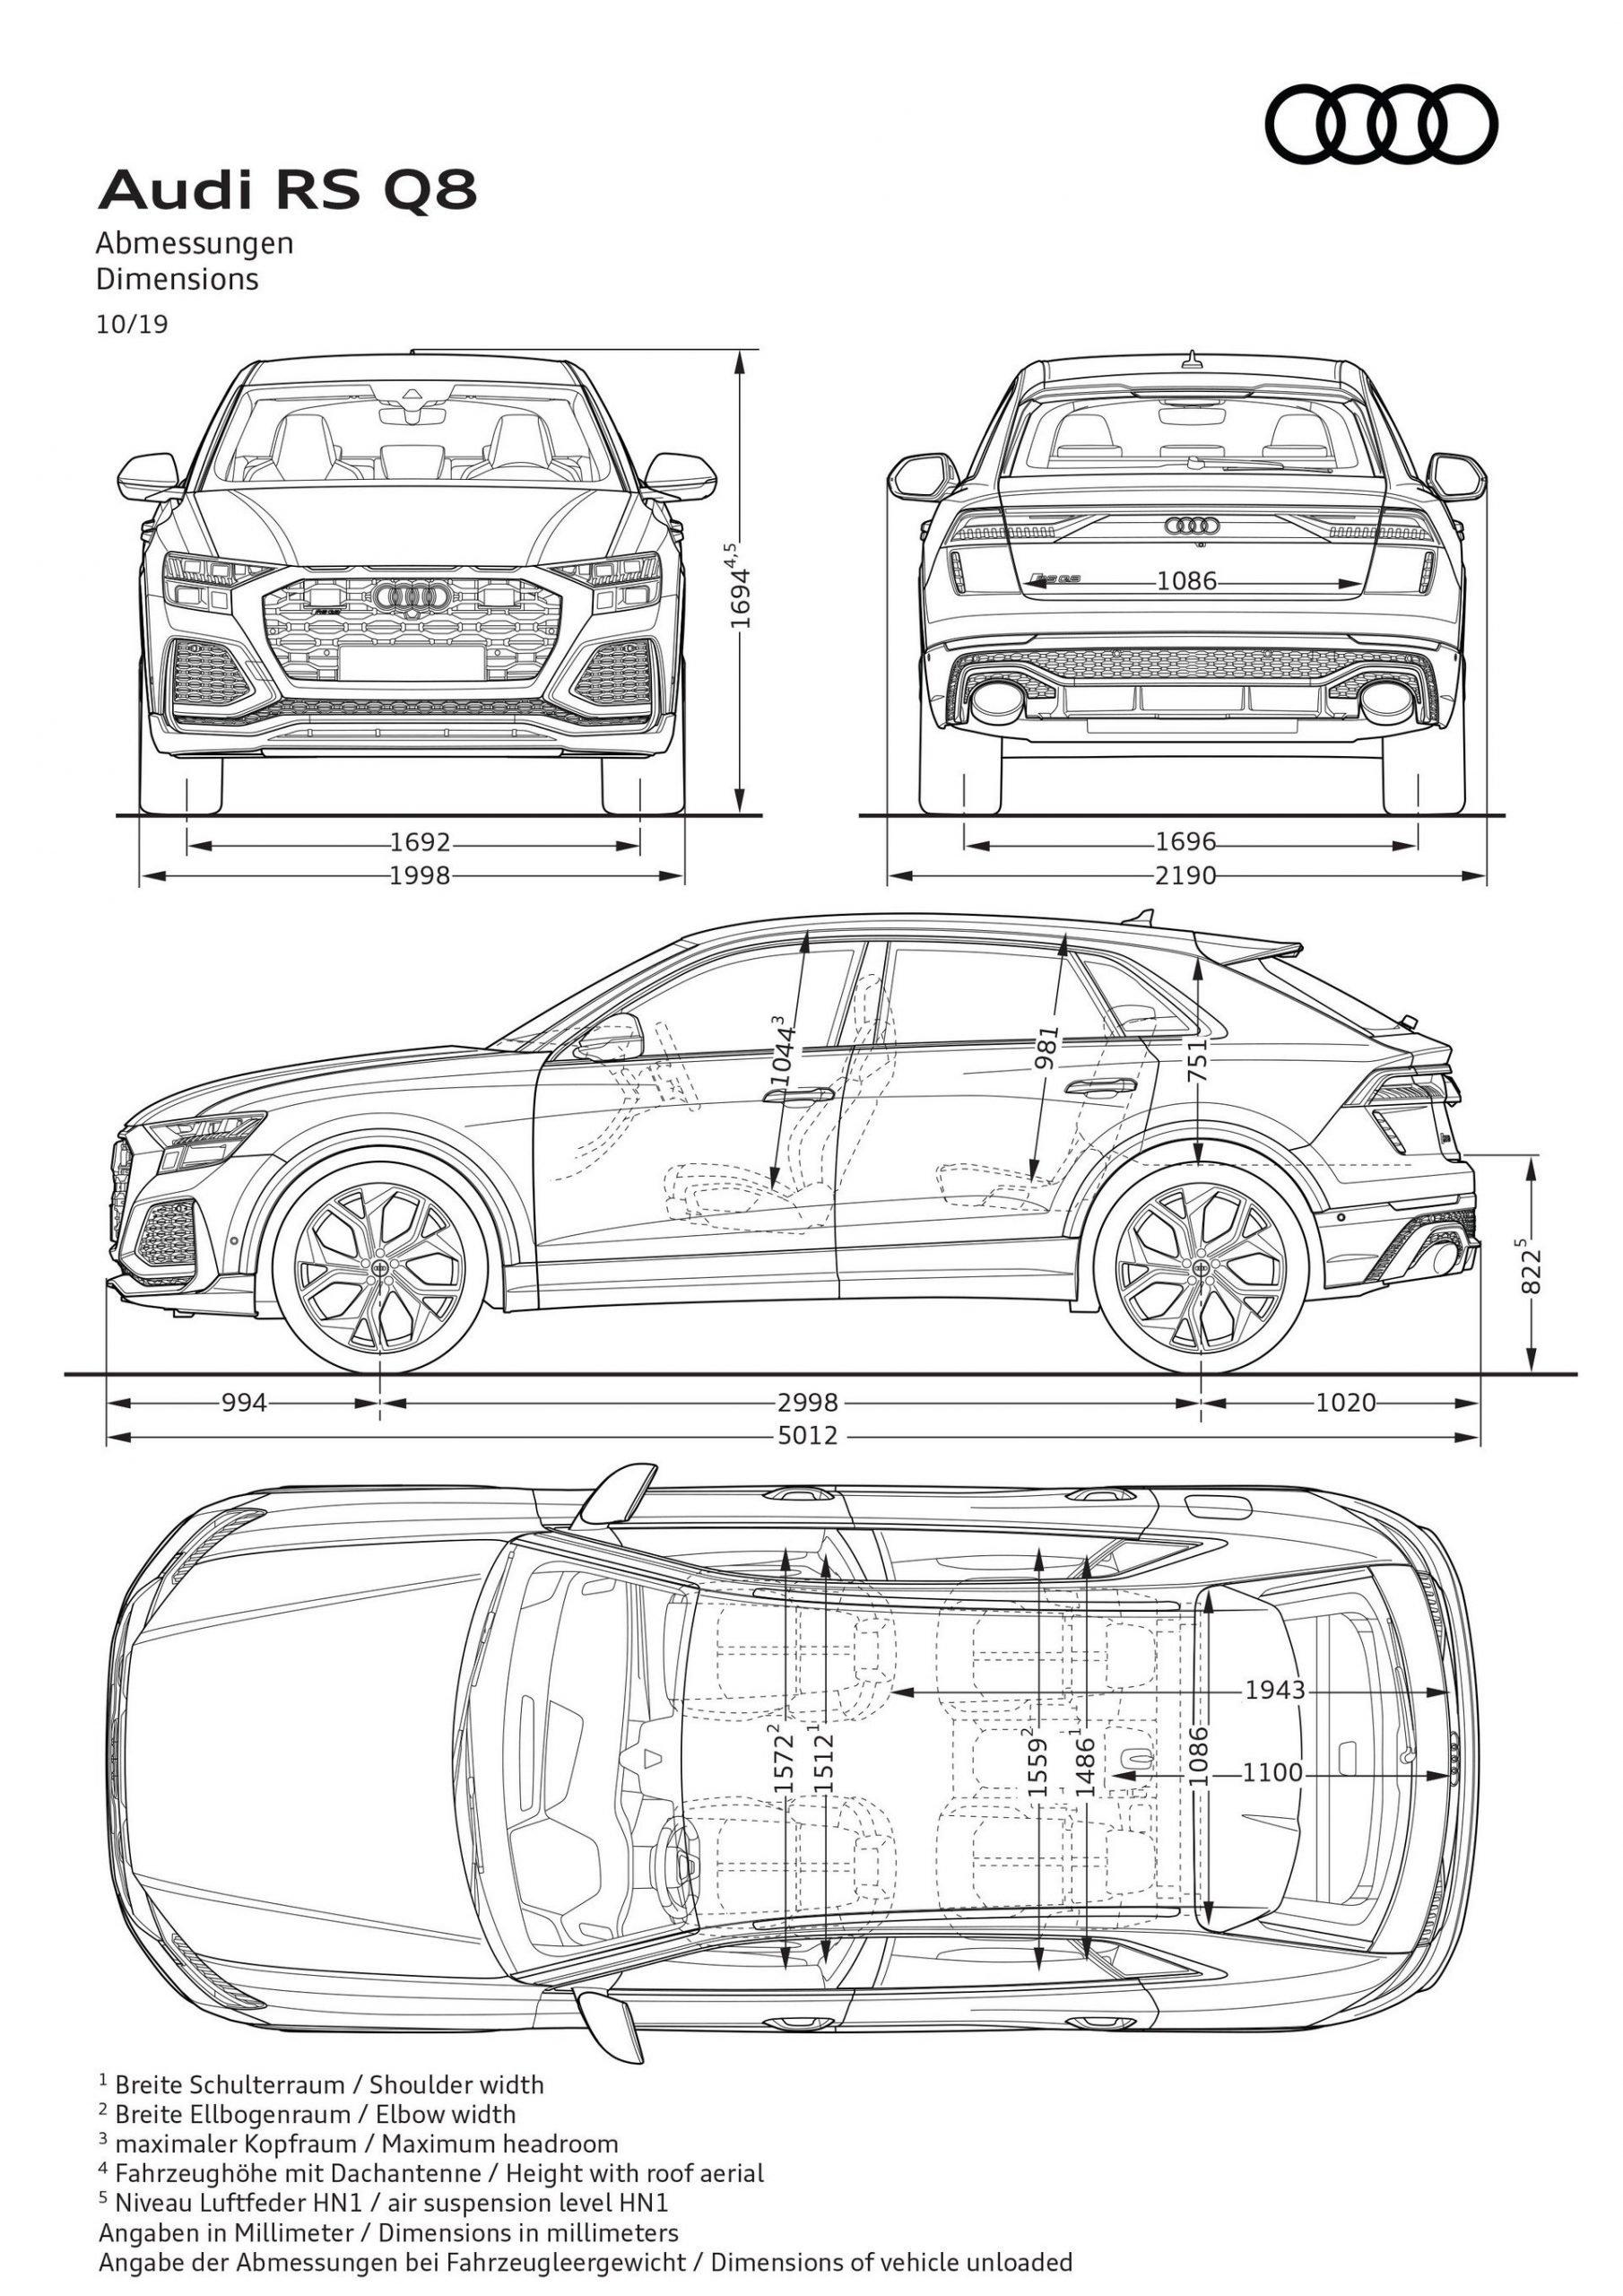 Dimensioni nuovo Audi RSQ8 2020